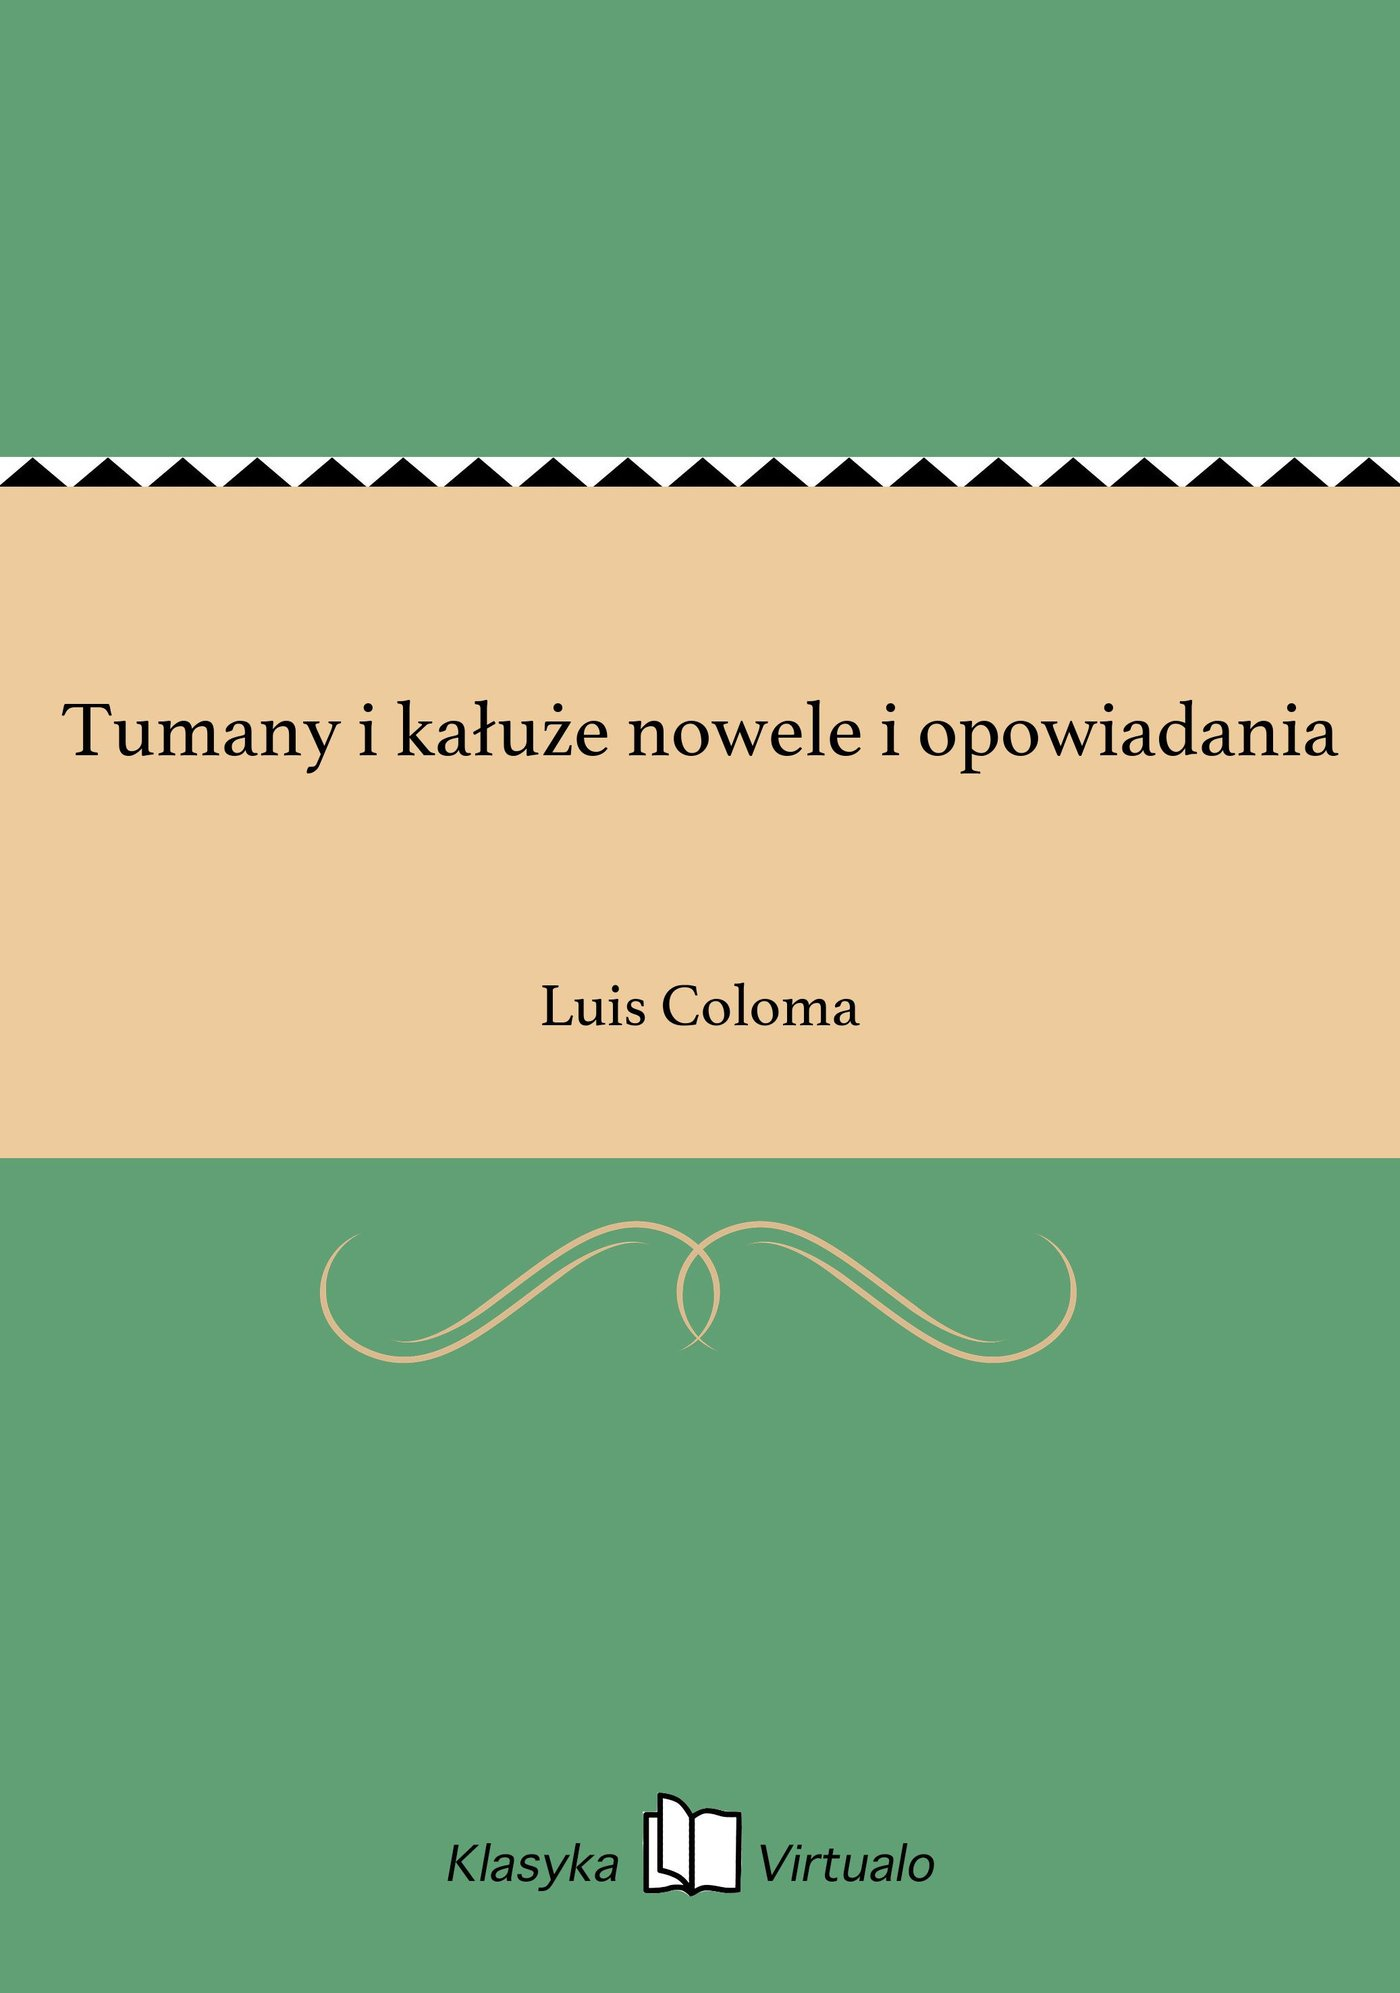 Tumany i kałuże nowele i opowiadania - Ebook (Książka EPUB) do pobrania w formacie EPUB